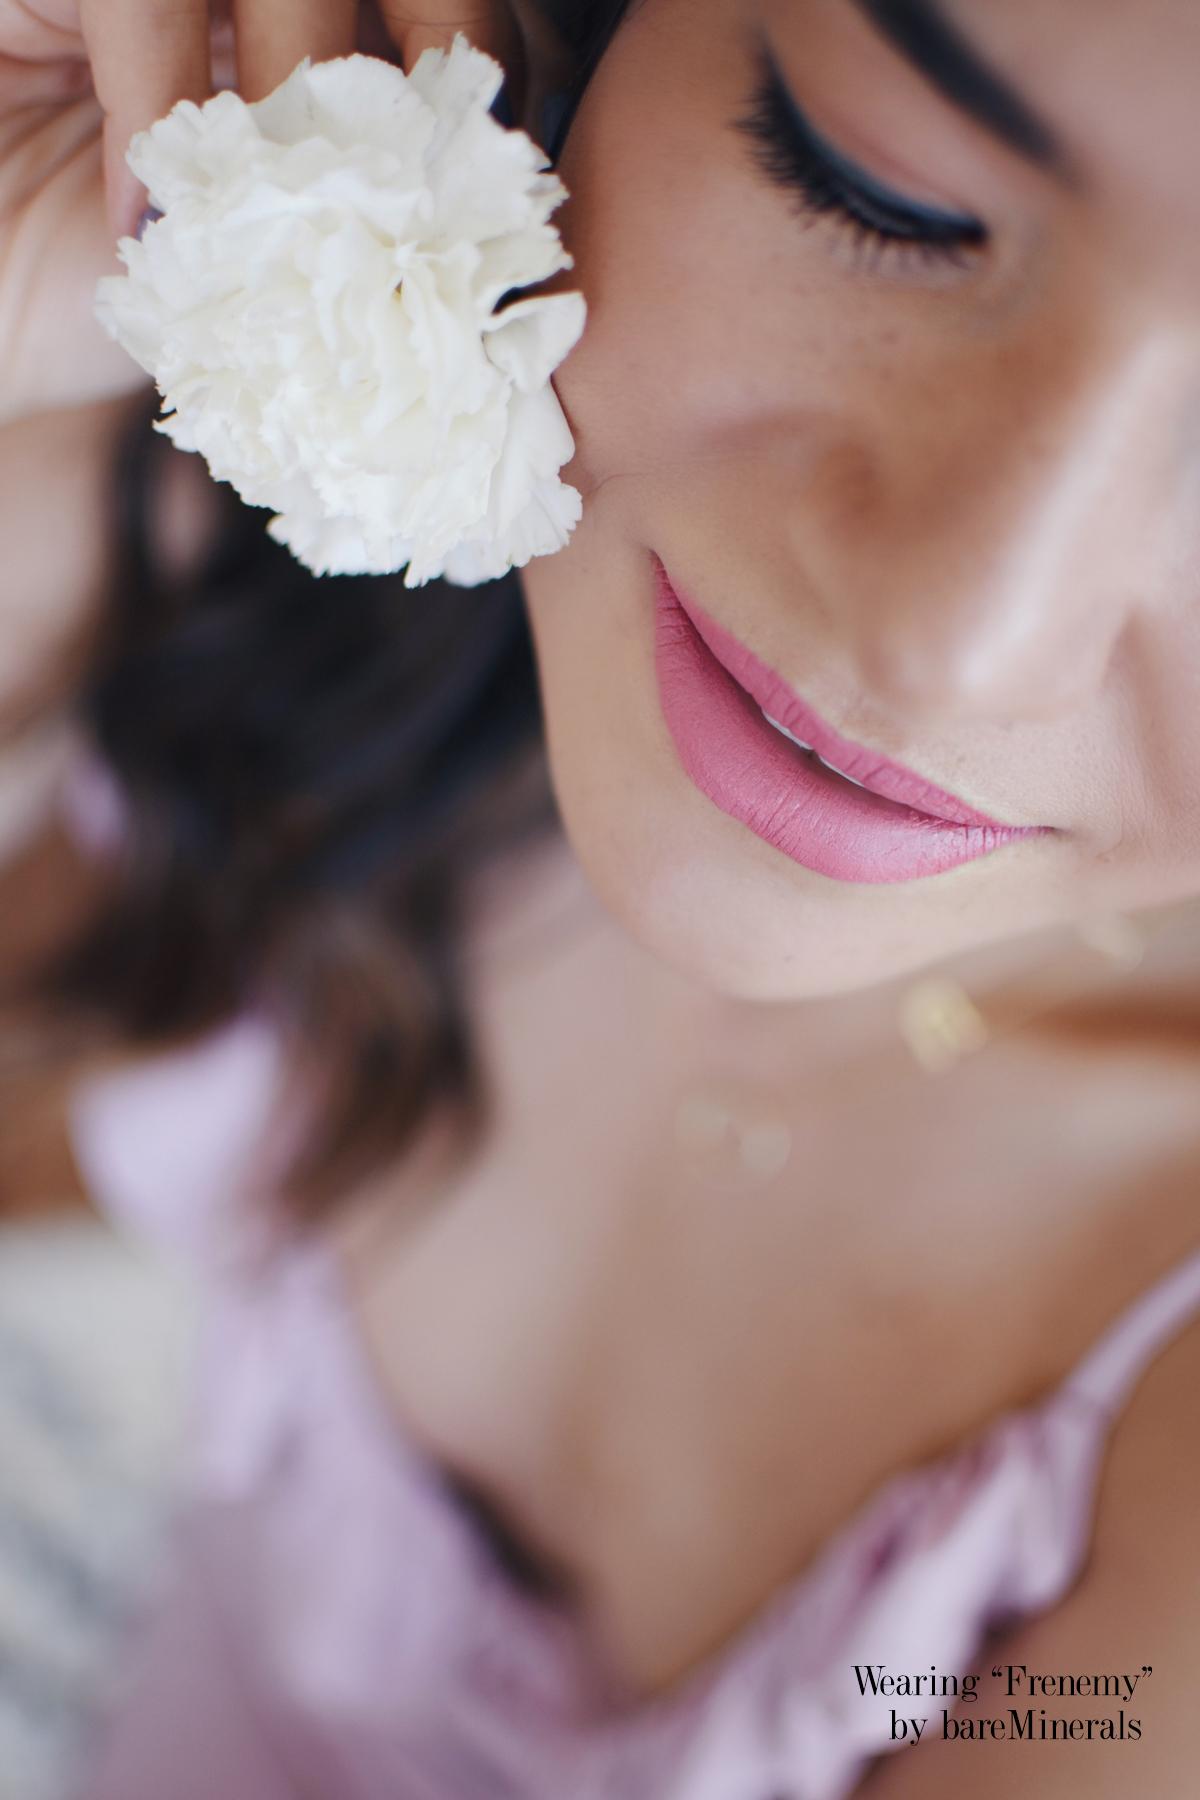 Bareminerals frenemy lipstick matte